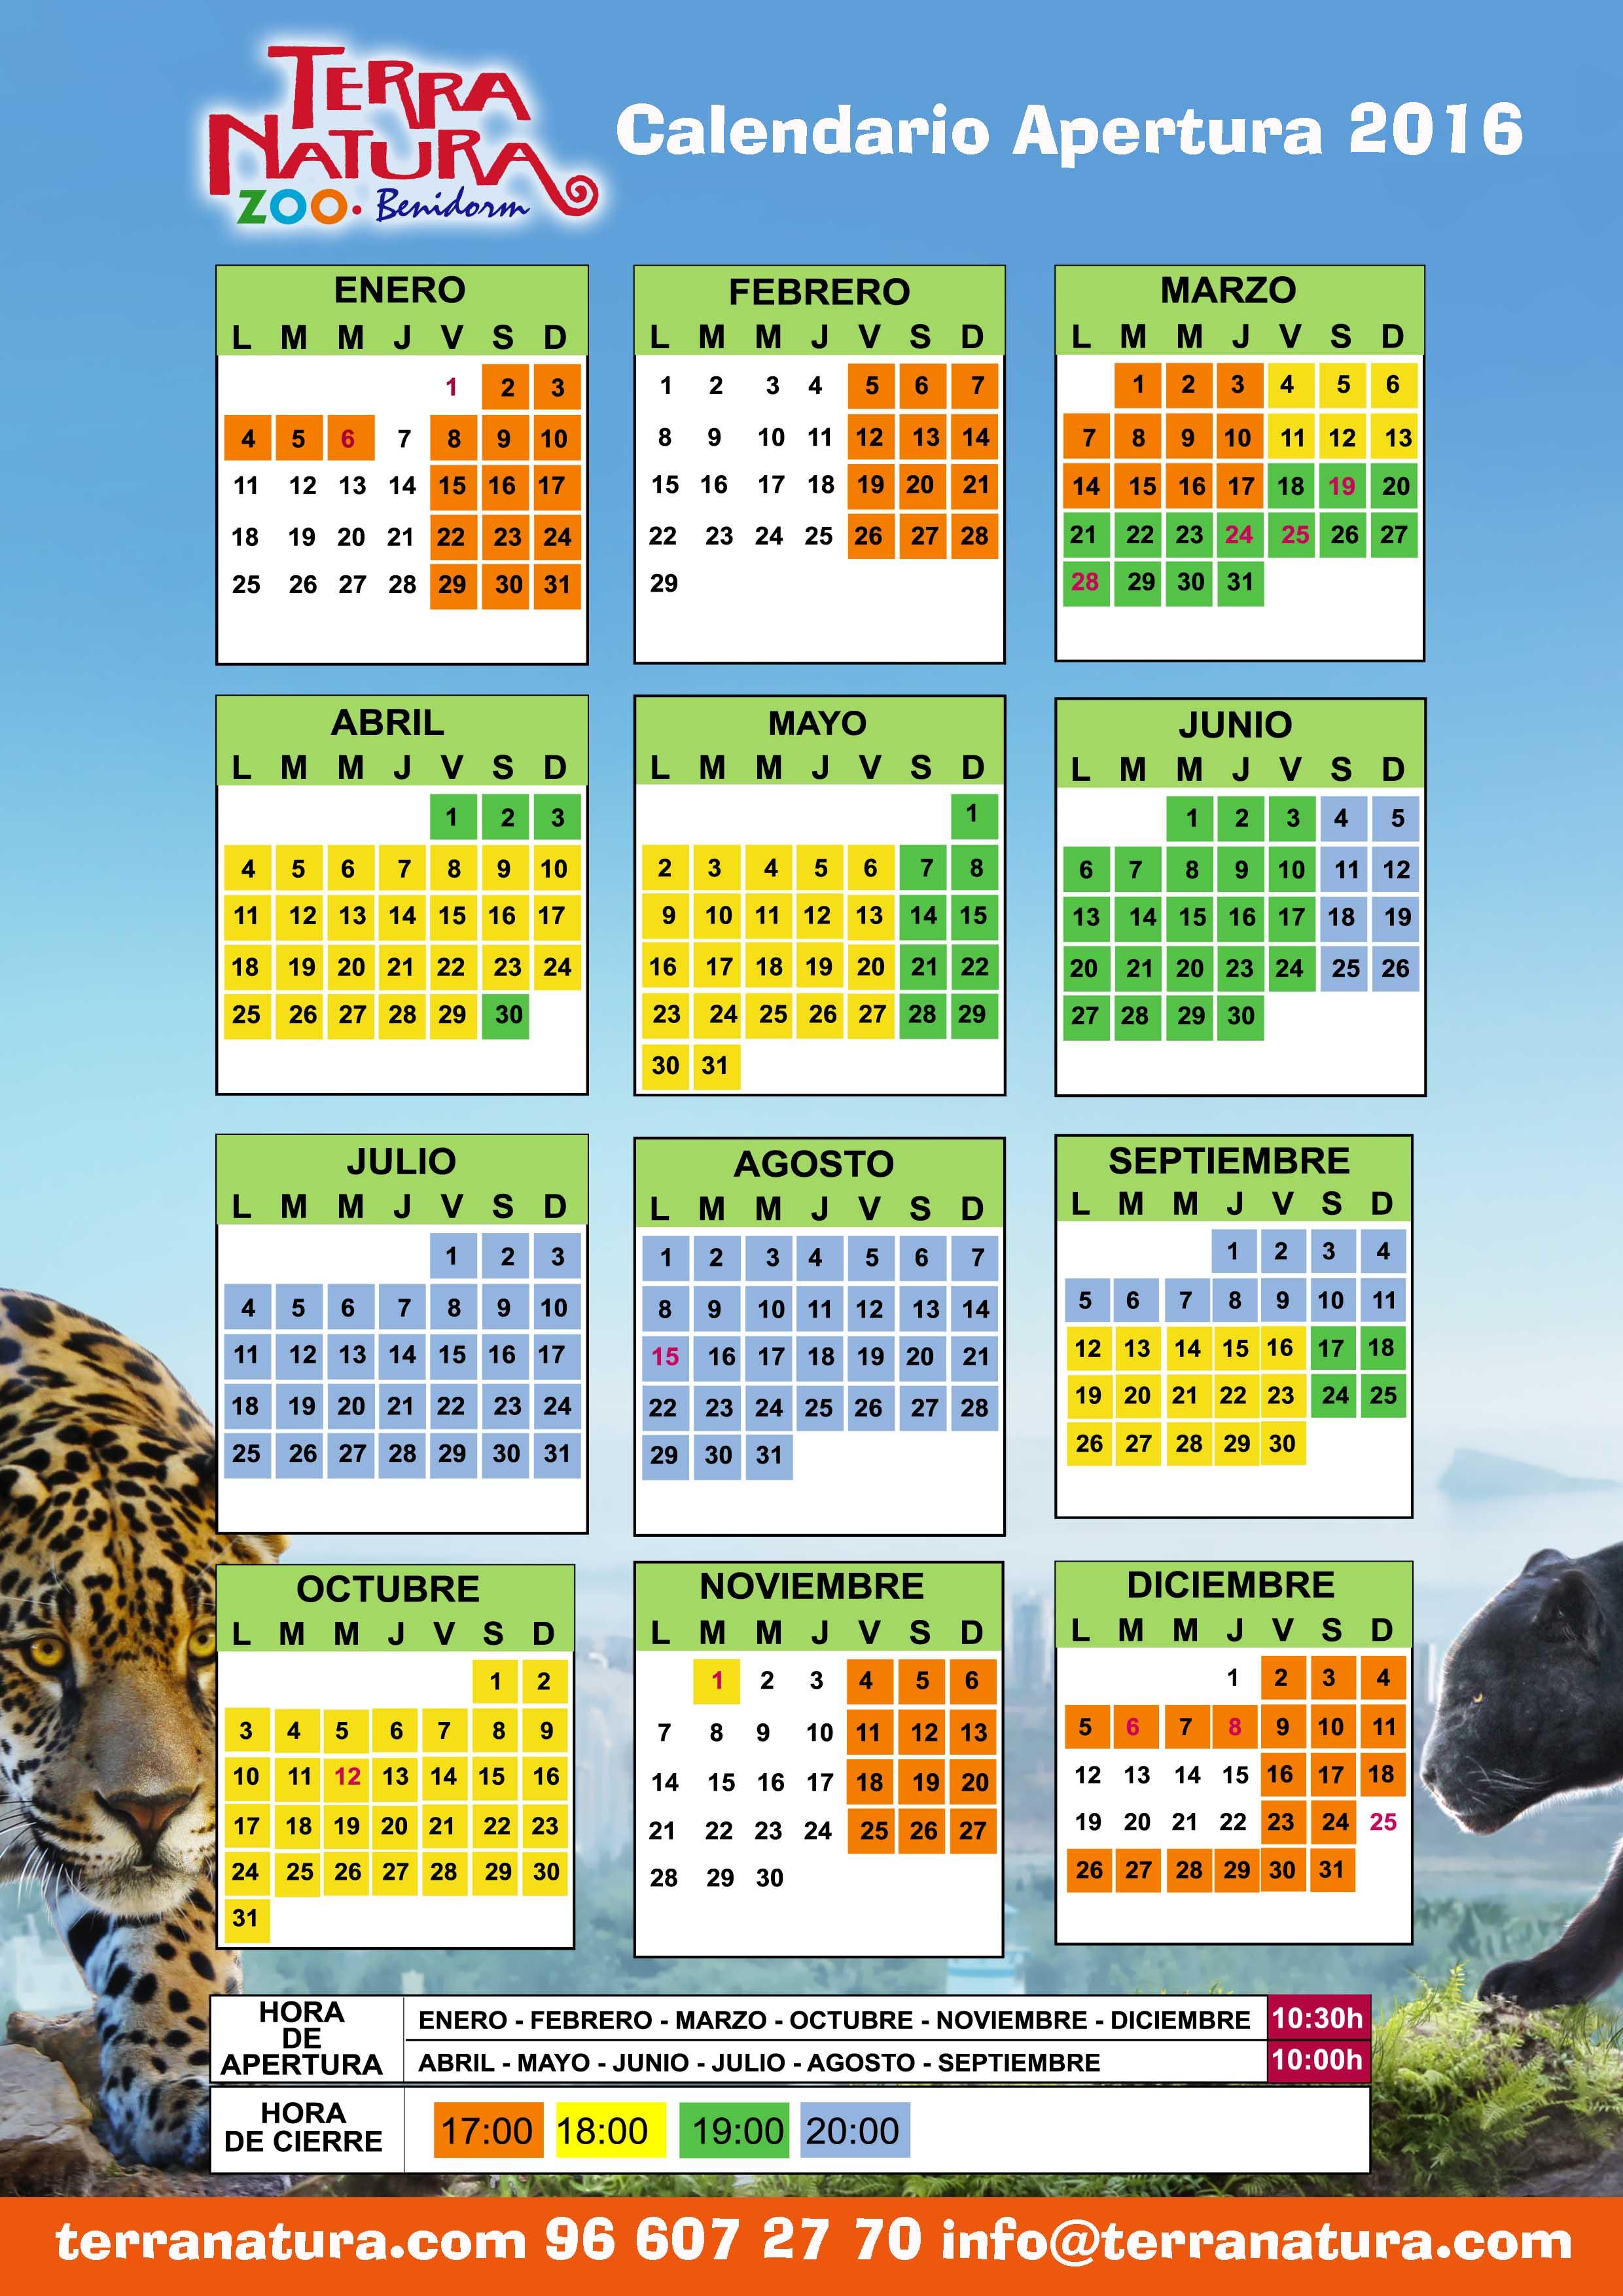 Calendario Terra Natura Benidorm 2016